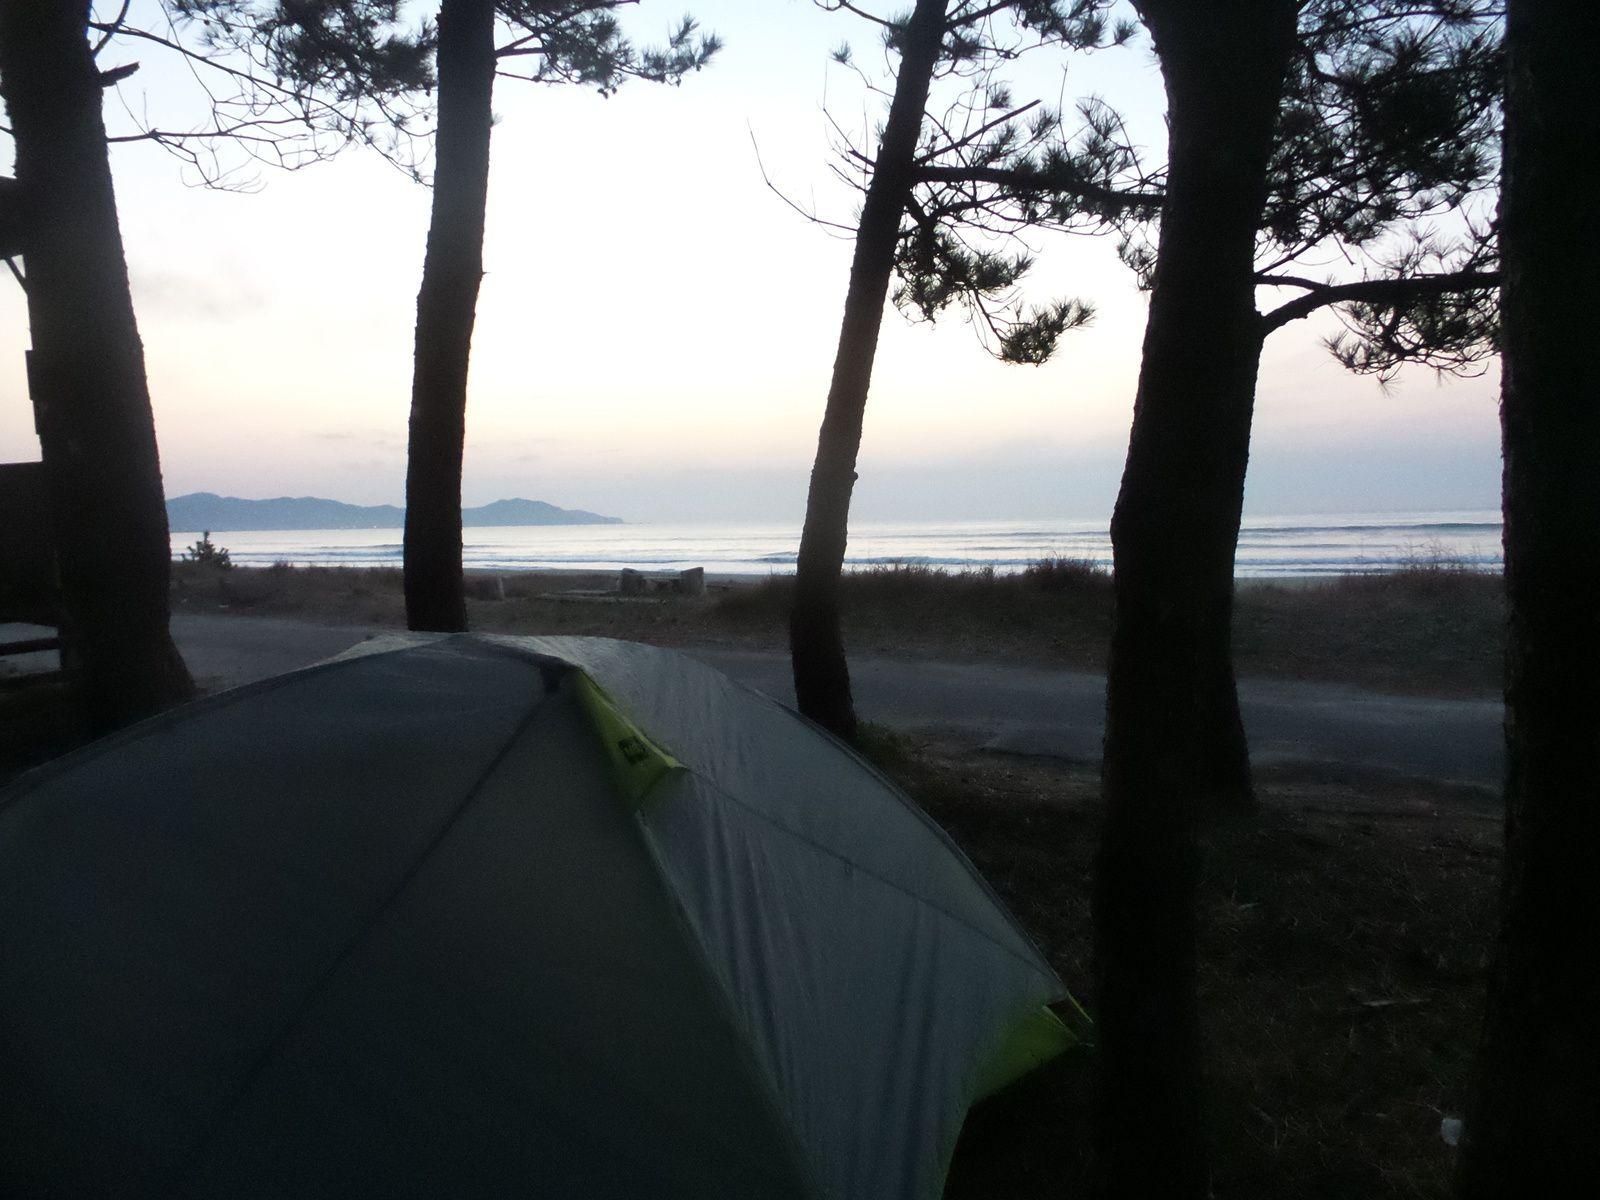 Notre campement au bord de l'océan